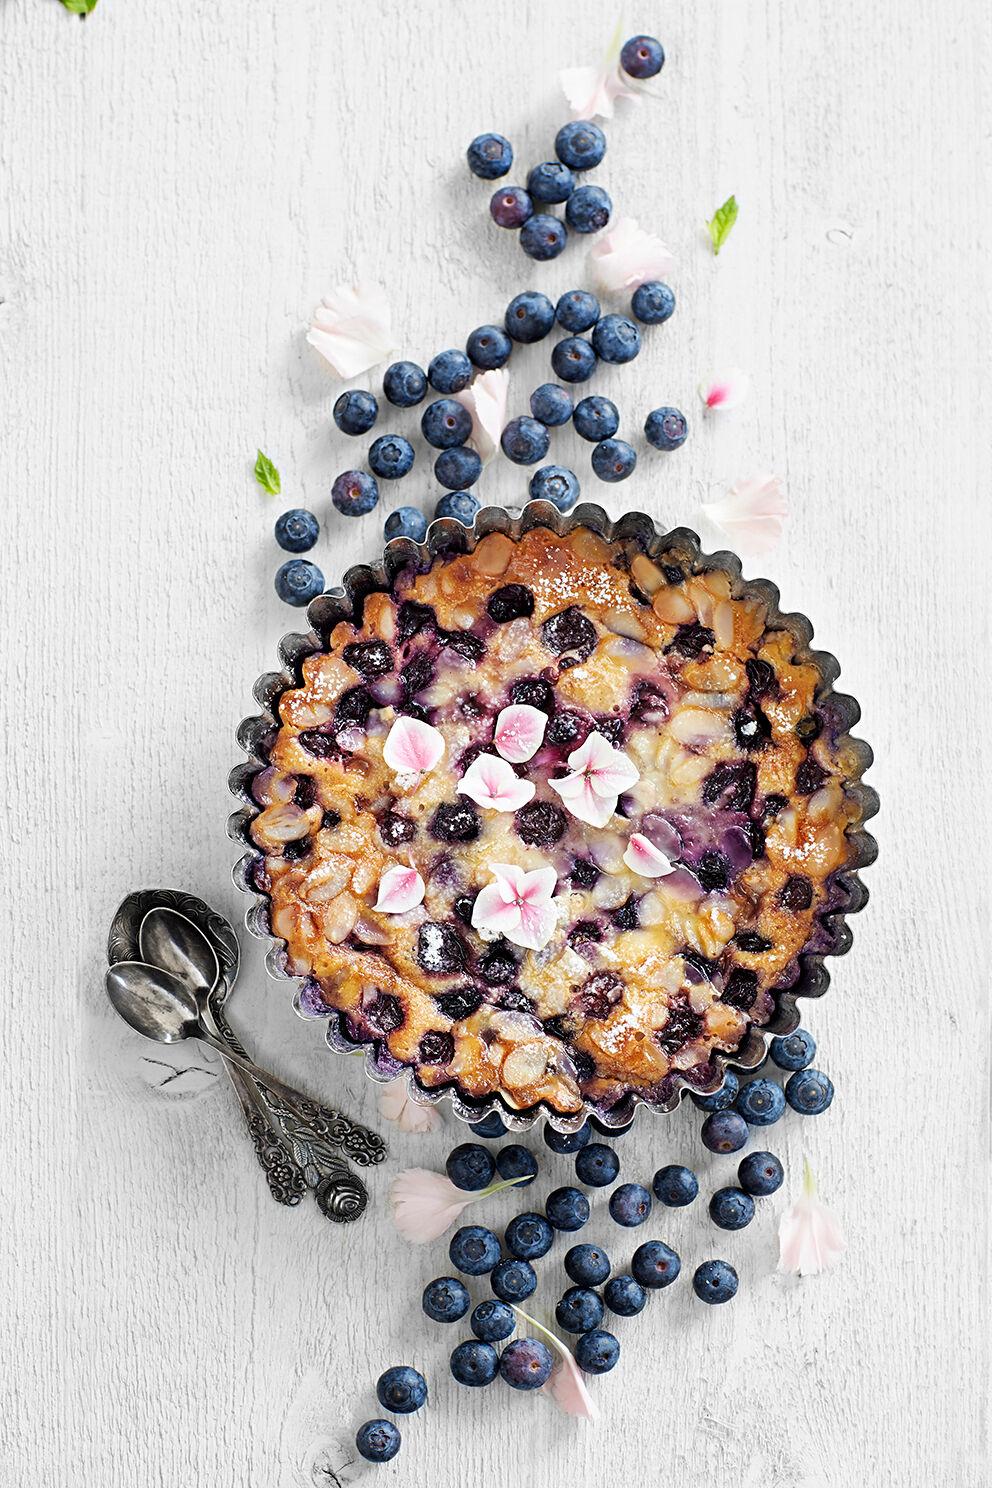 blåbärspaj recept